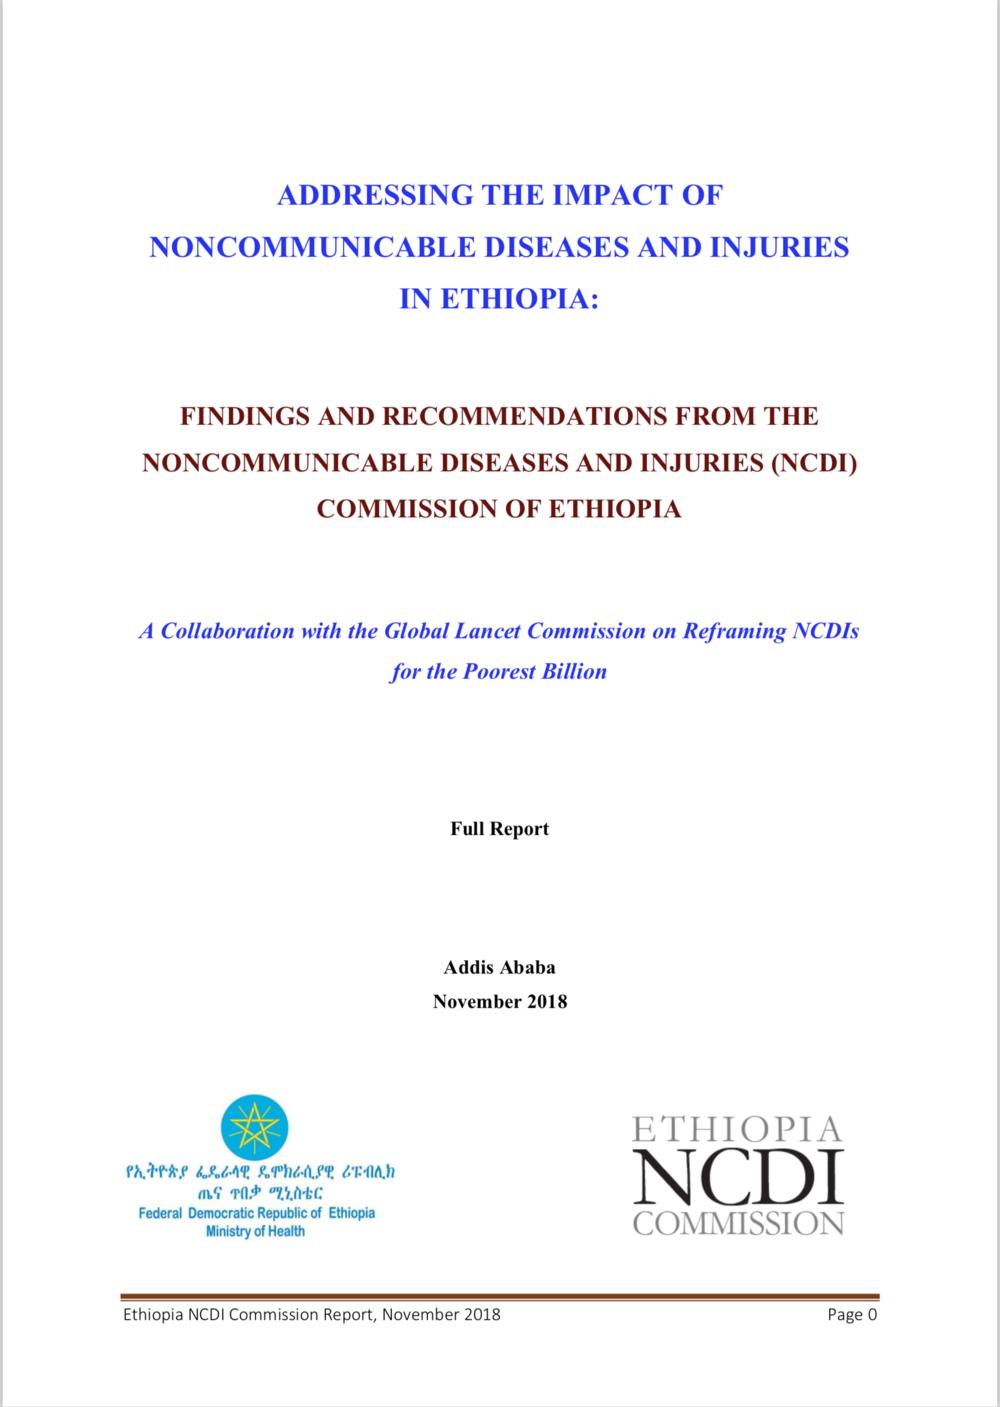 Ethiopia NCDI Commission Report